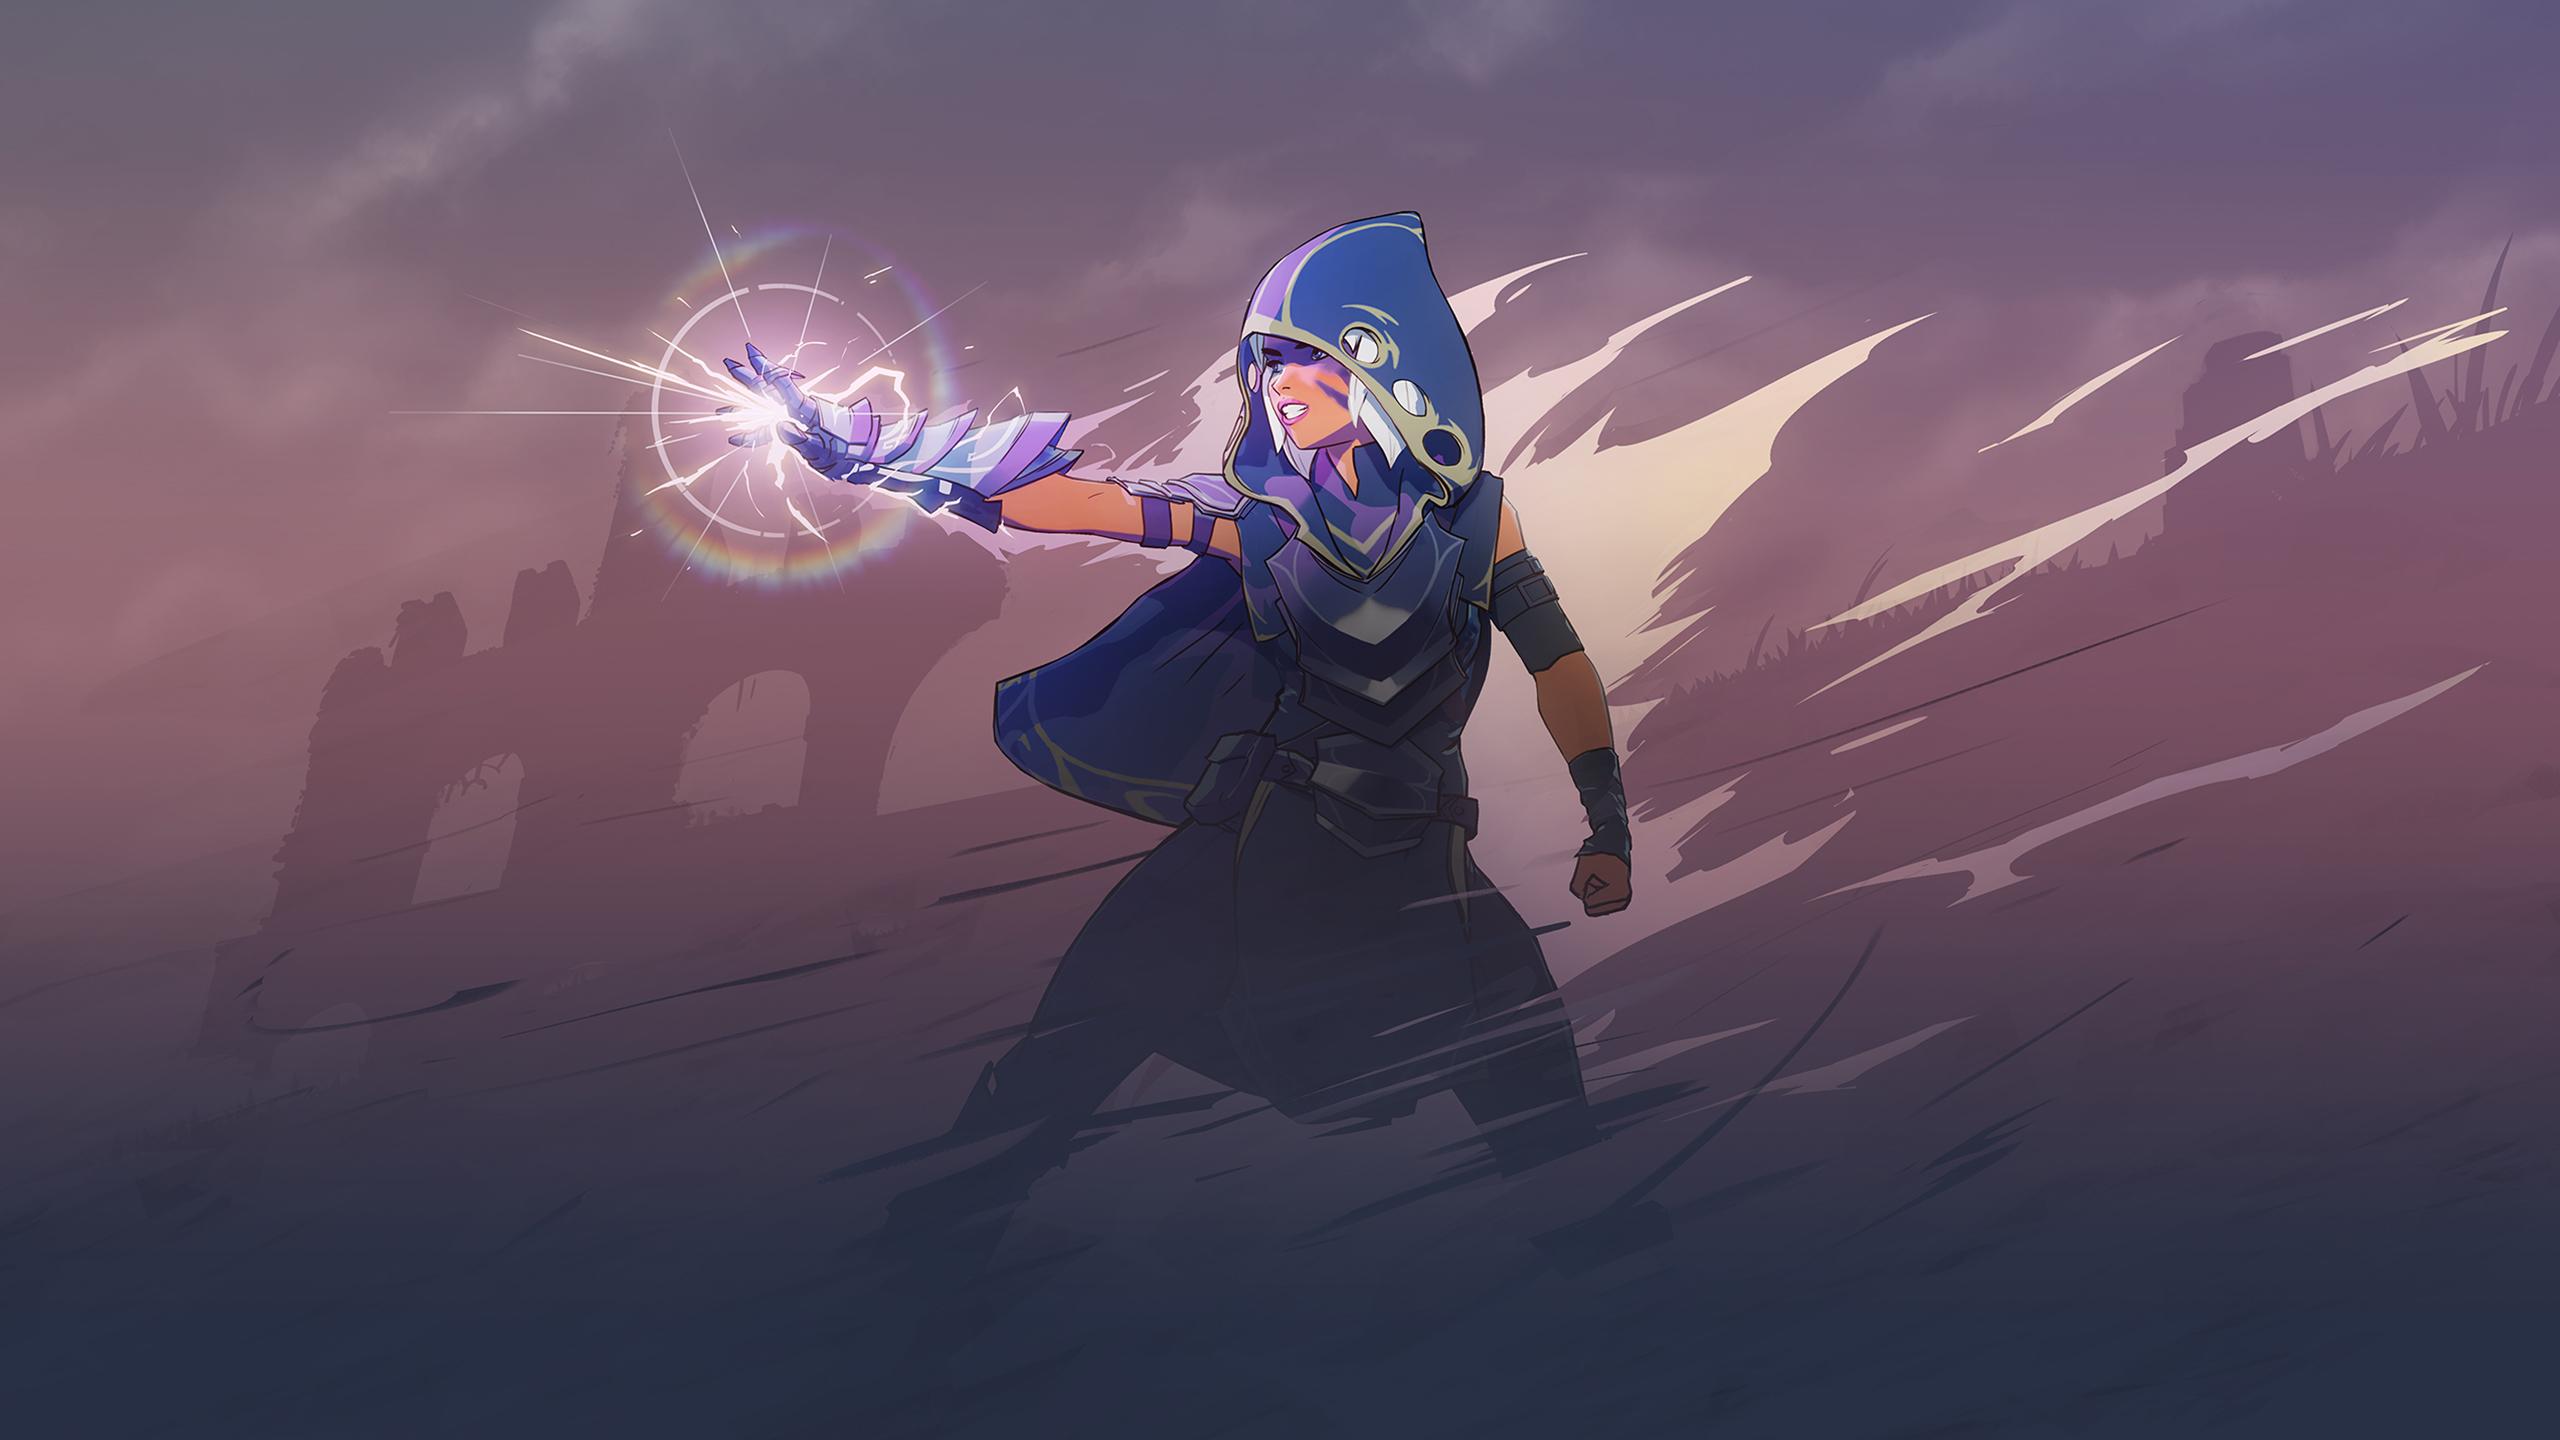 Entrad en la alfa privada de Spellbreak, el nuevo battle royale RPG, con la compra del pack de fundadores de la alfa privada.